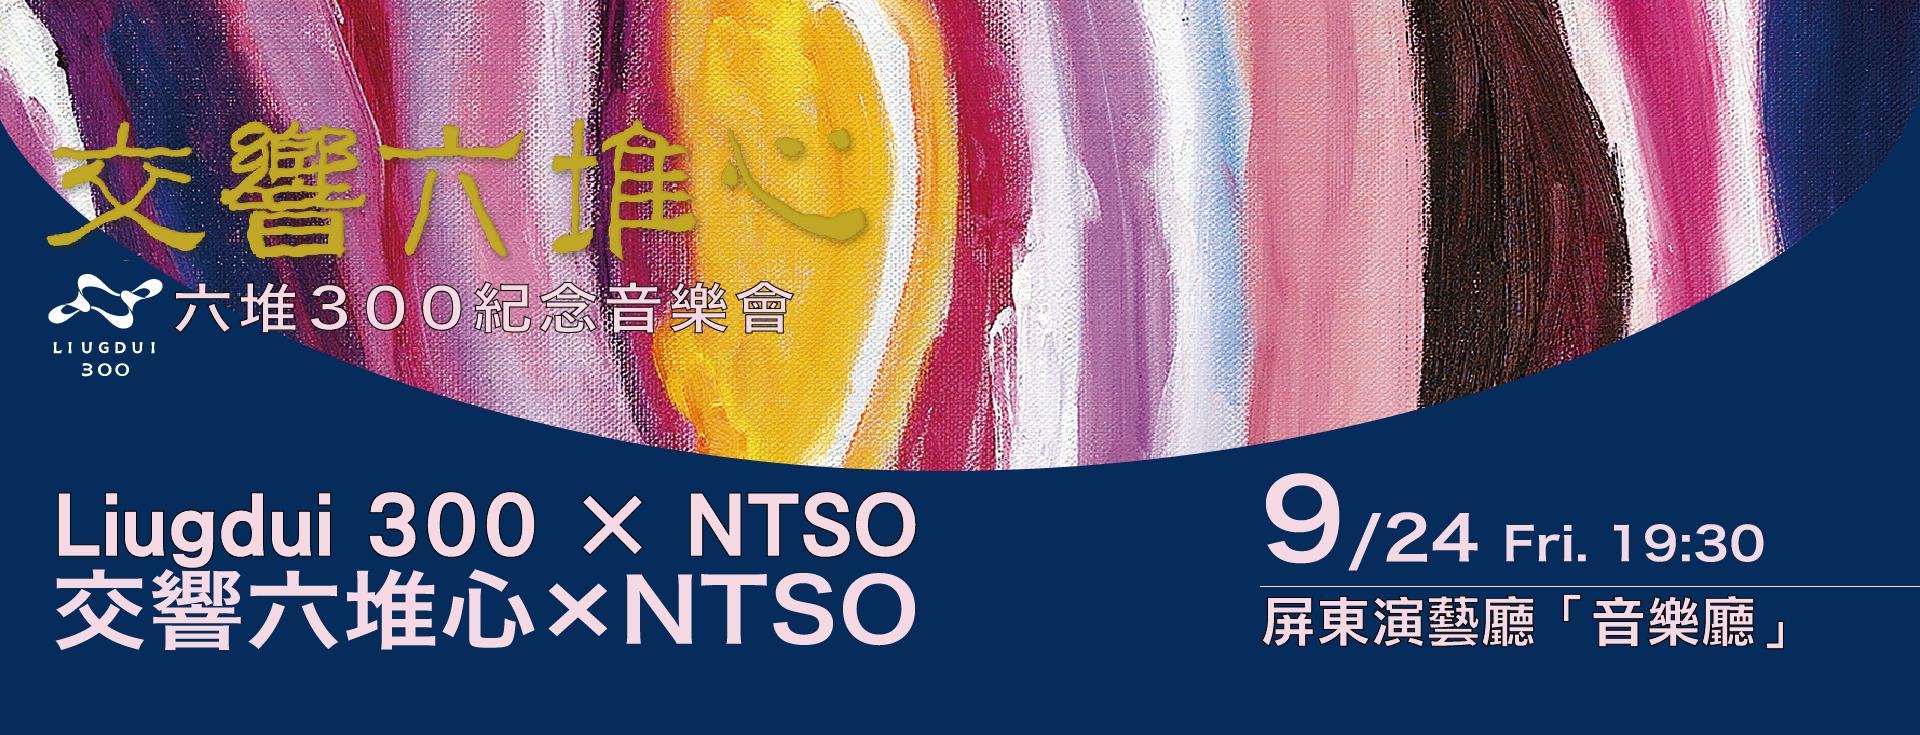 交響六堆心 X NTSO